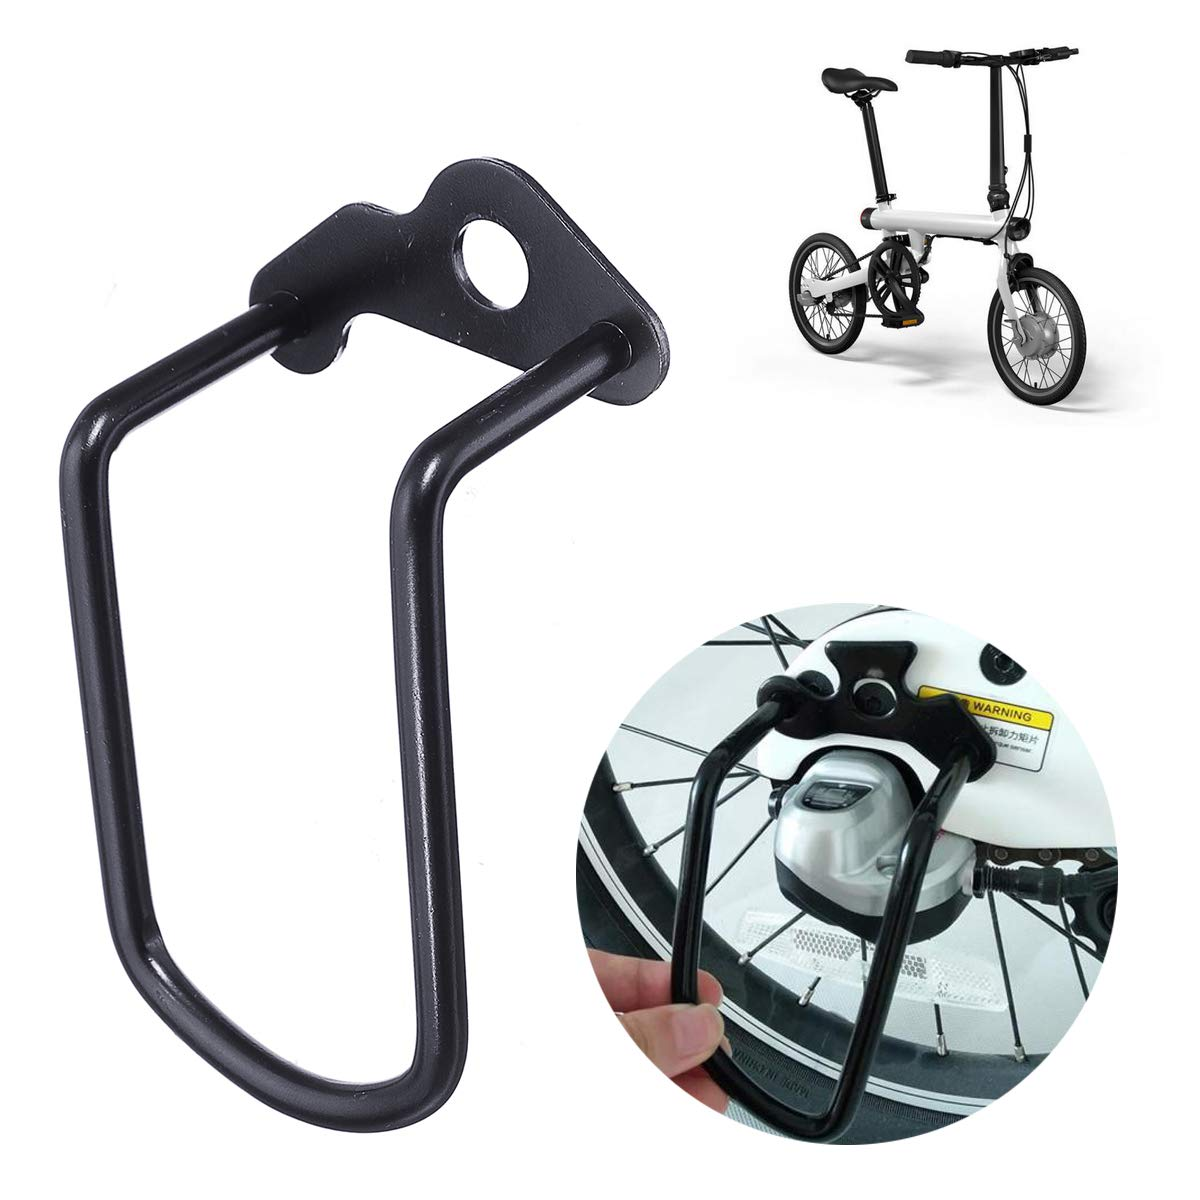 YONGYAO Protector del Desviador Trasero De La Barra De Protección para xiaomi Qicycle Ef1 Bicicleta Eléctrica: Amazon.es: Hogar